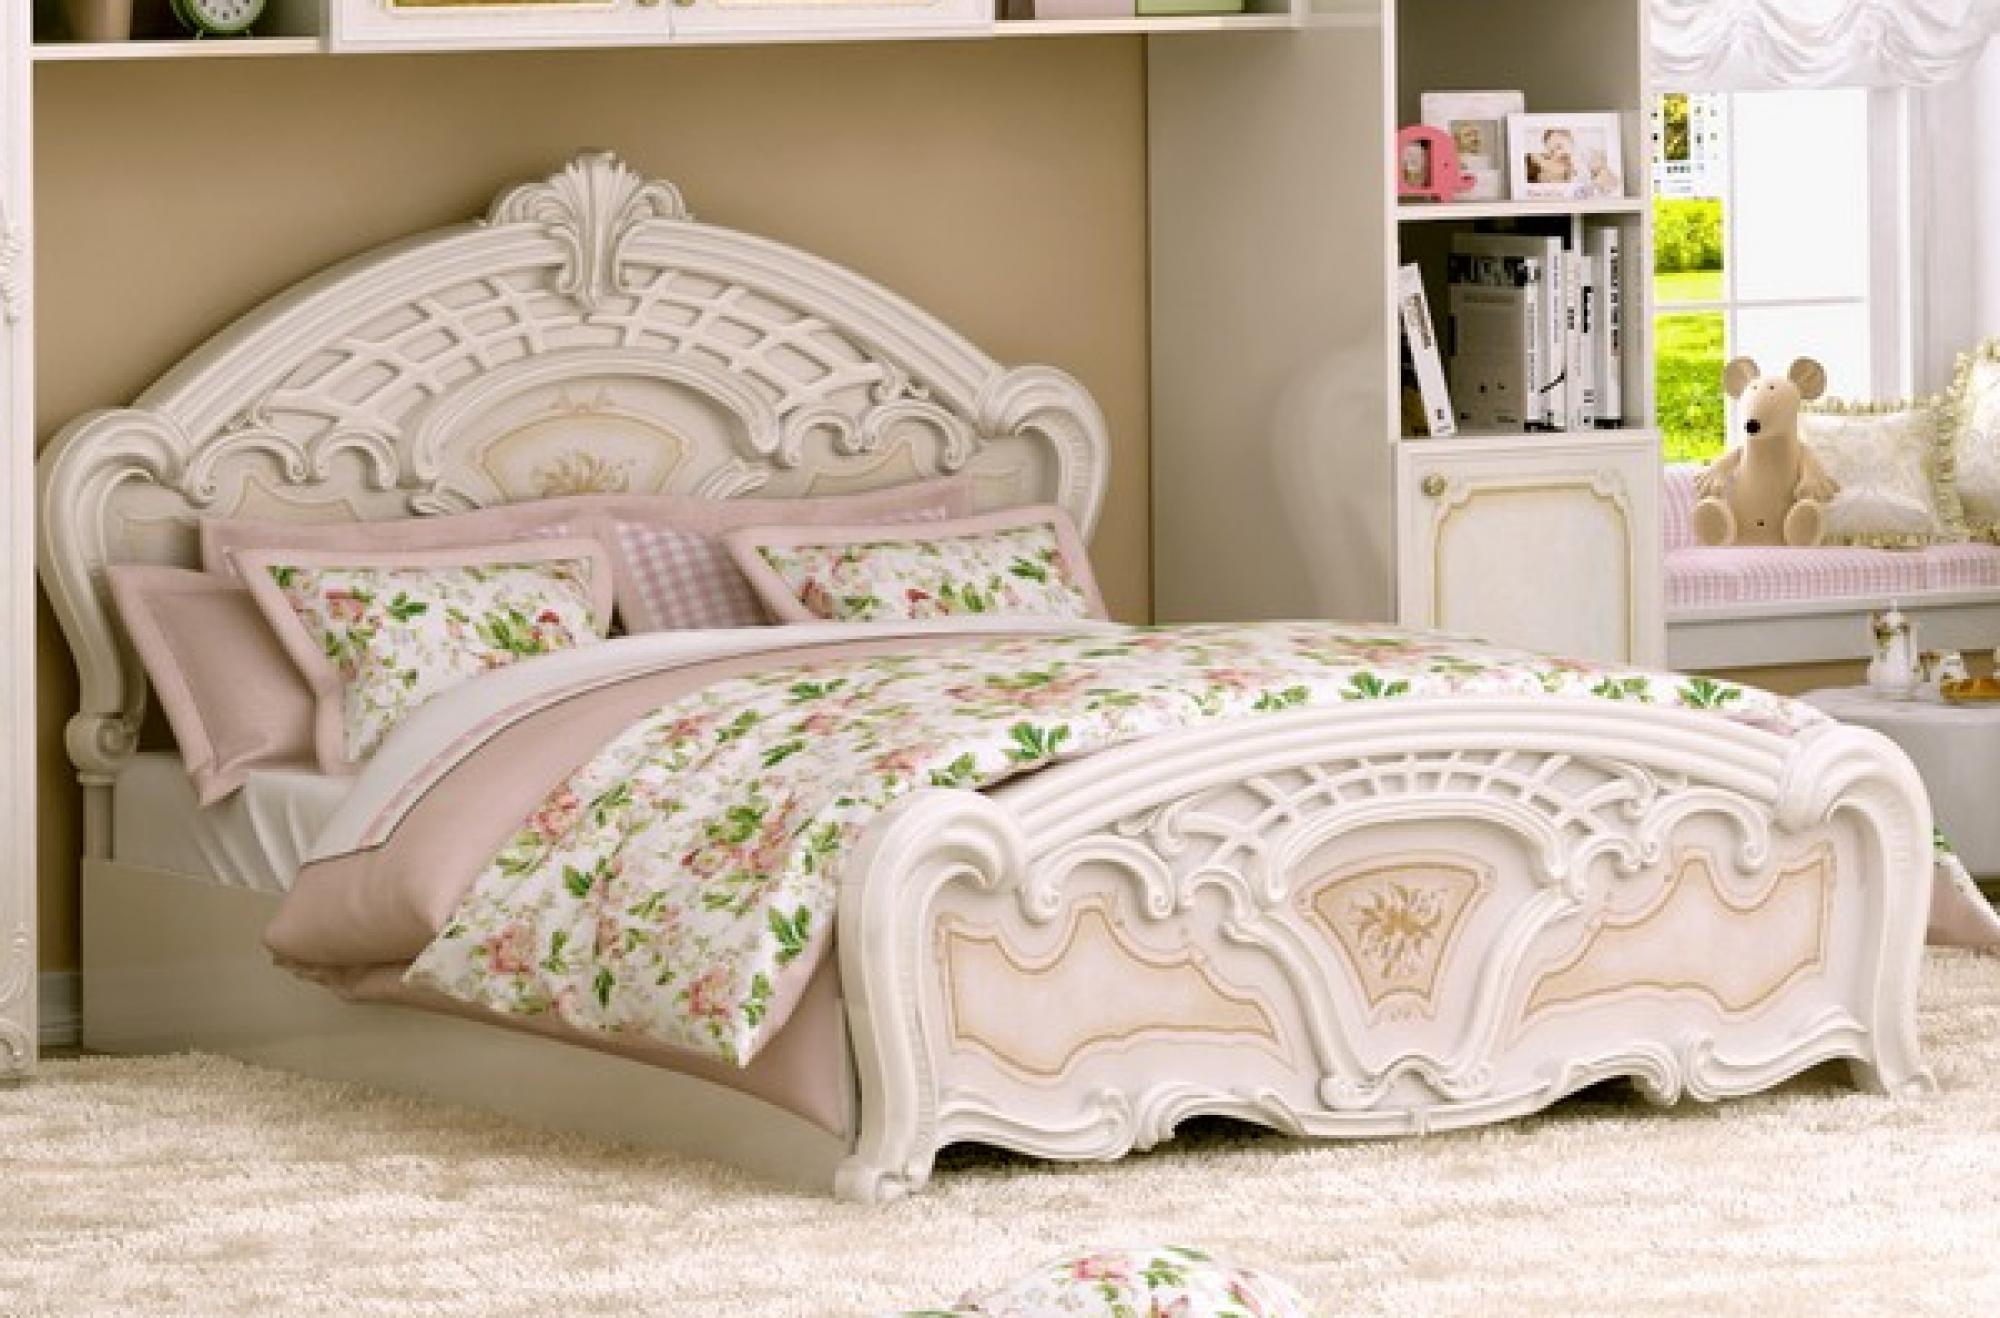 Full Size of Mädchenbetten Italienische Barockmbel Sicher Und Schnell Online Gnstig Wohnzimmer Mädchenbetten